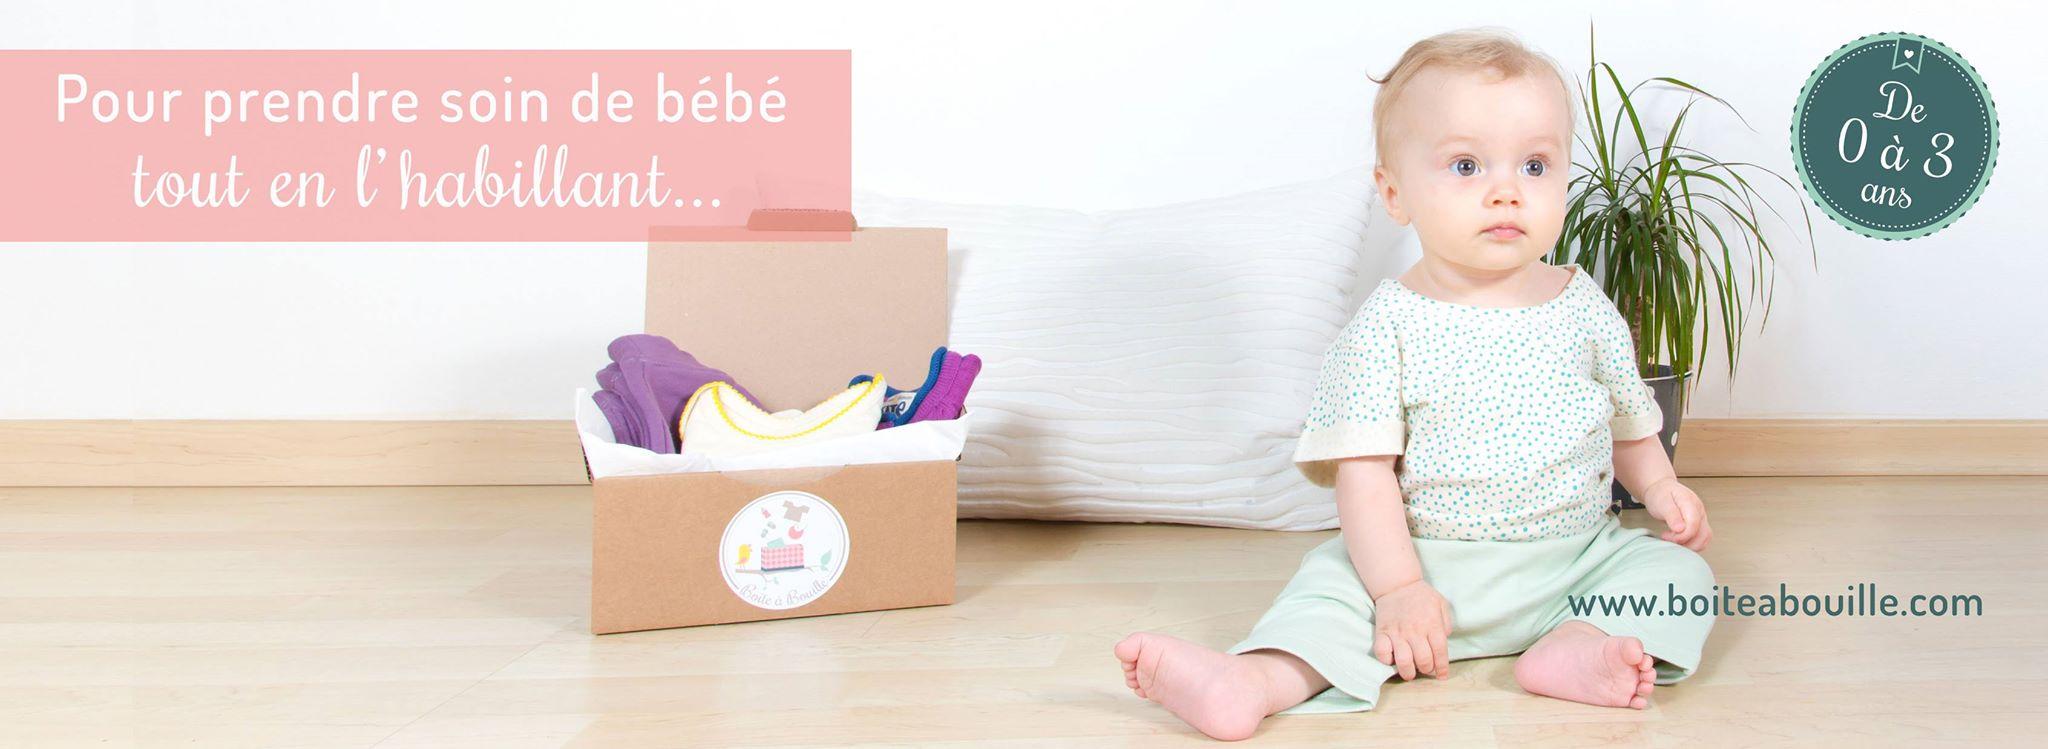 boite à bouille vêtements bébés écologiques